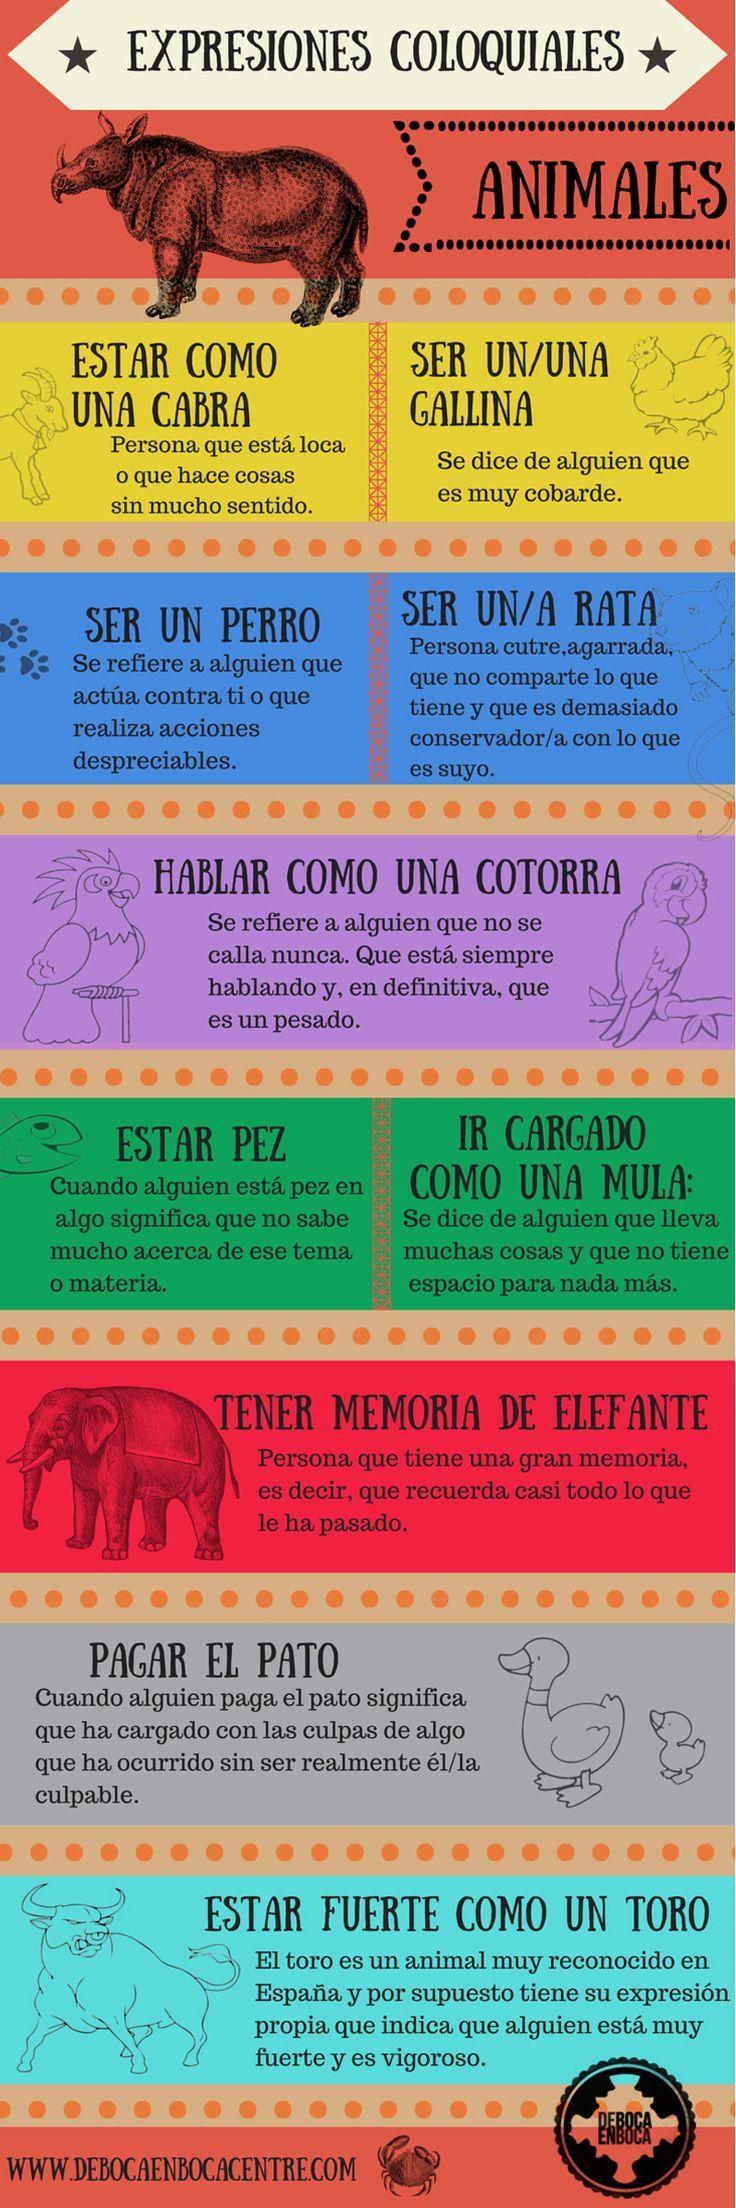 Desde hace mucho tiempo, el estudio de las unidades fraseológicas(o expresiones idiomáticas)se ha convertido en un atractivo fundamental para los estudiantes de lenguas extranjeras,y el español …